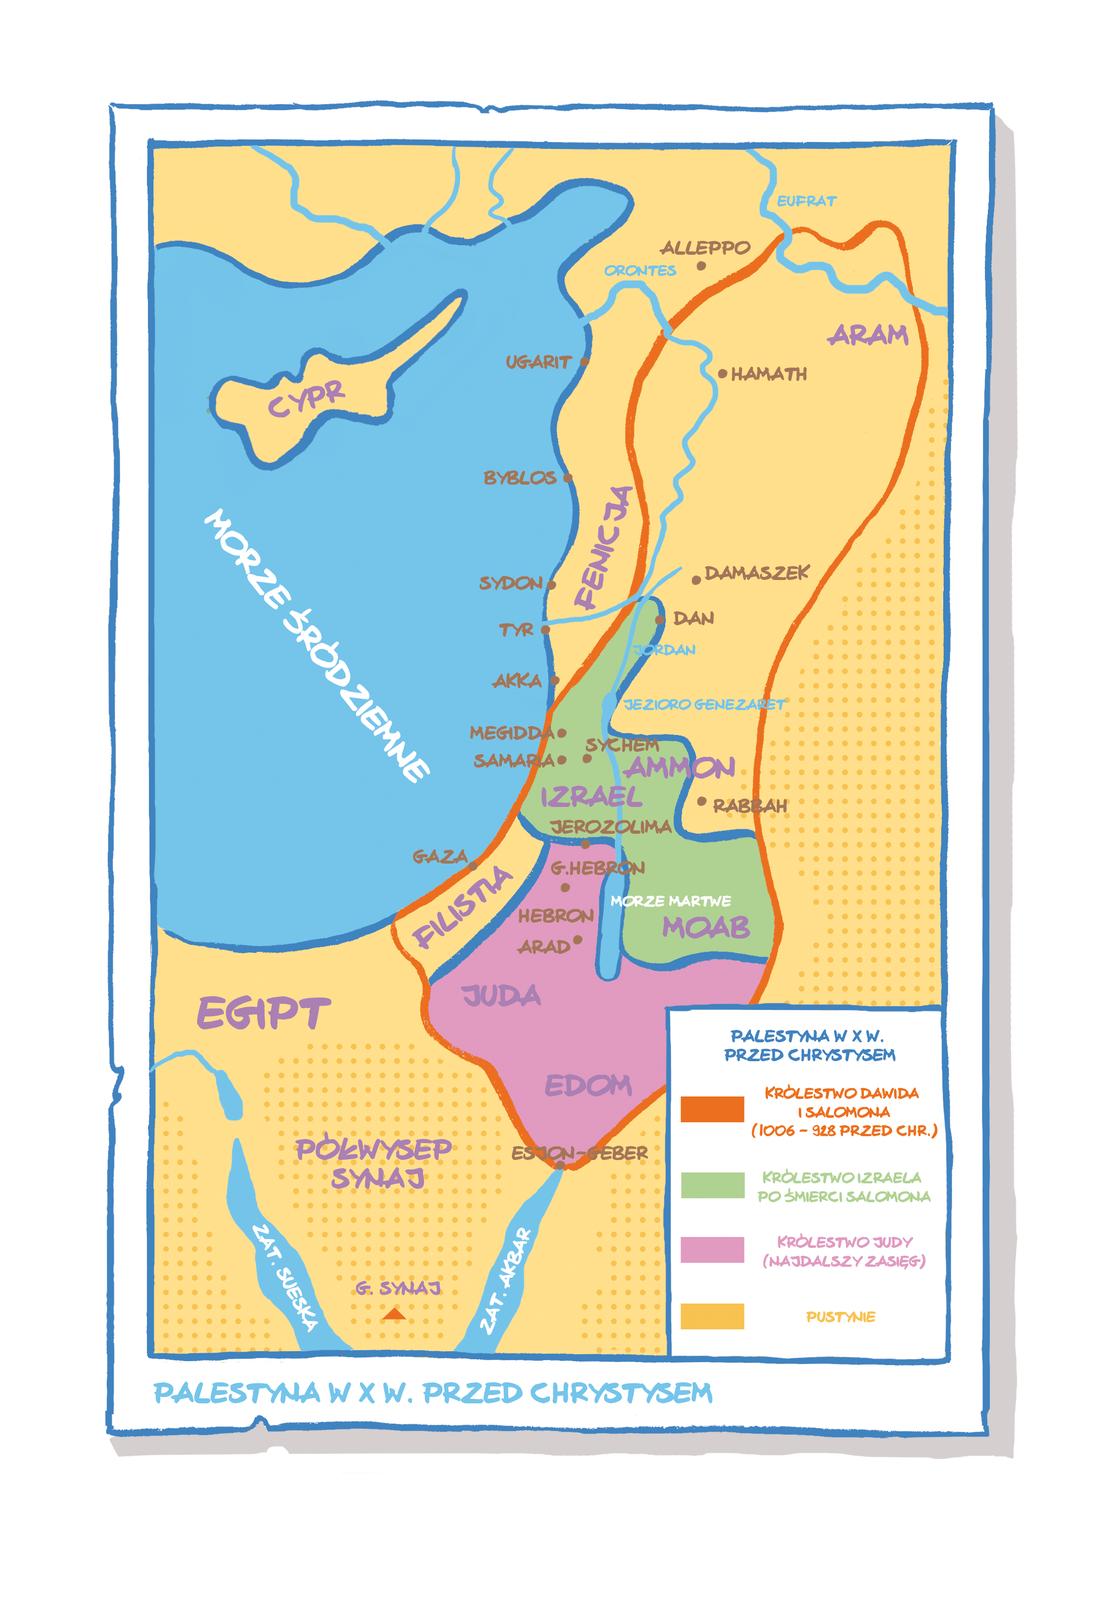 mapa palestyna Źródło: Uniwersytet Wrocławski.